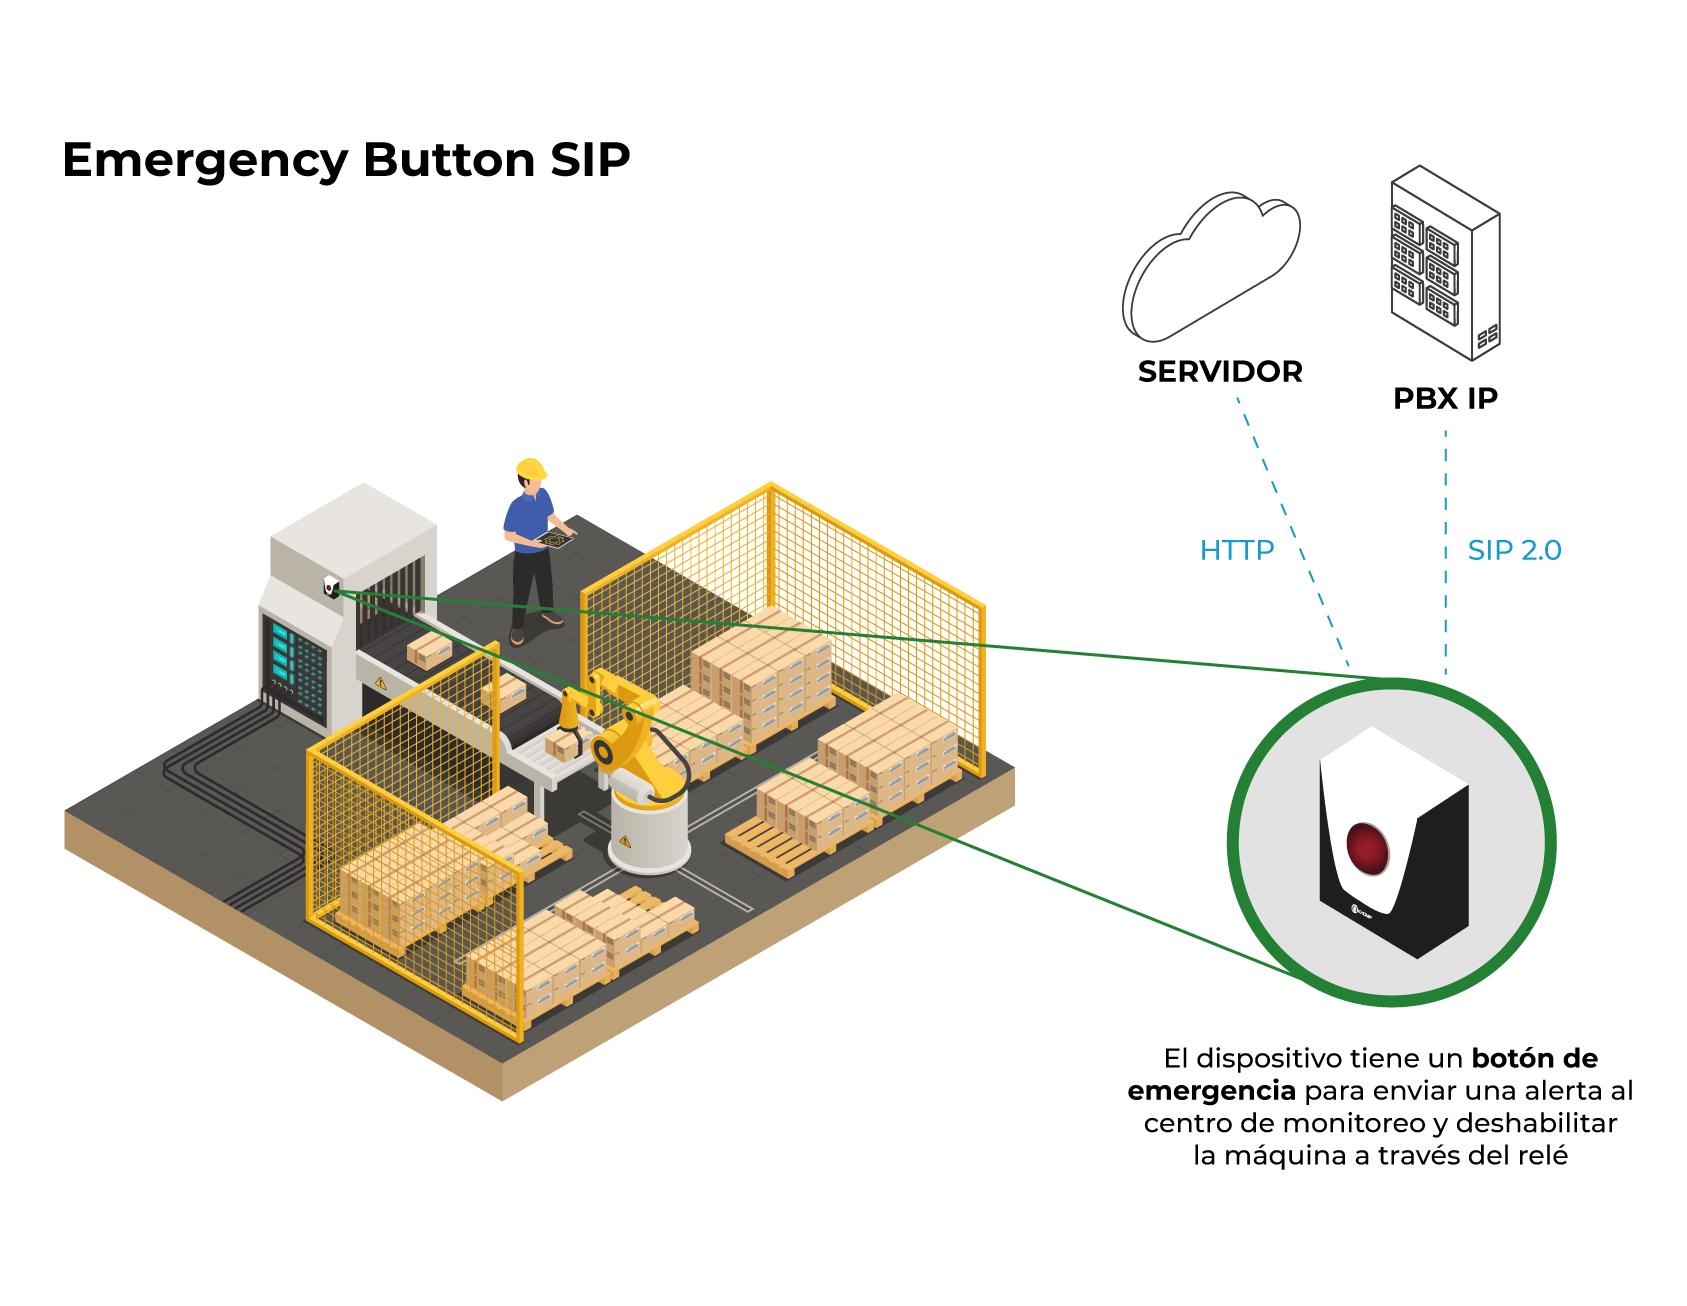 Modelo de aplicación - Emergency Button SIP